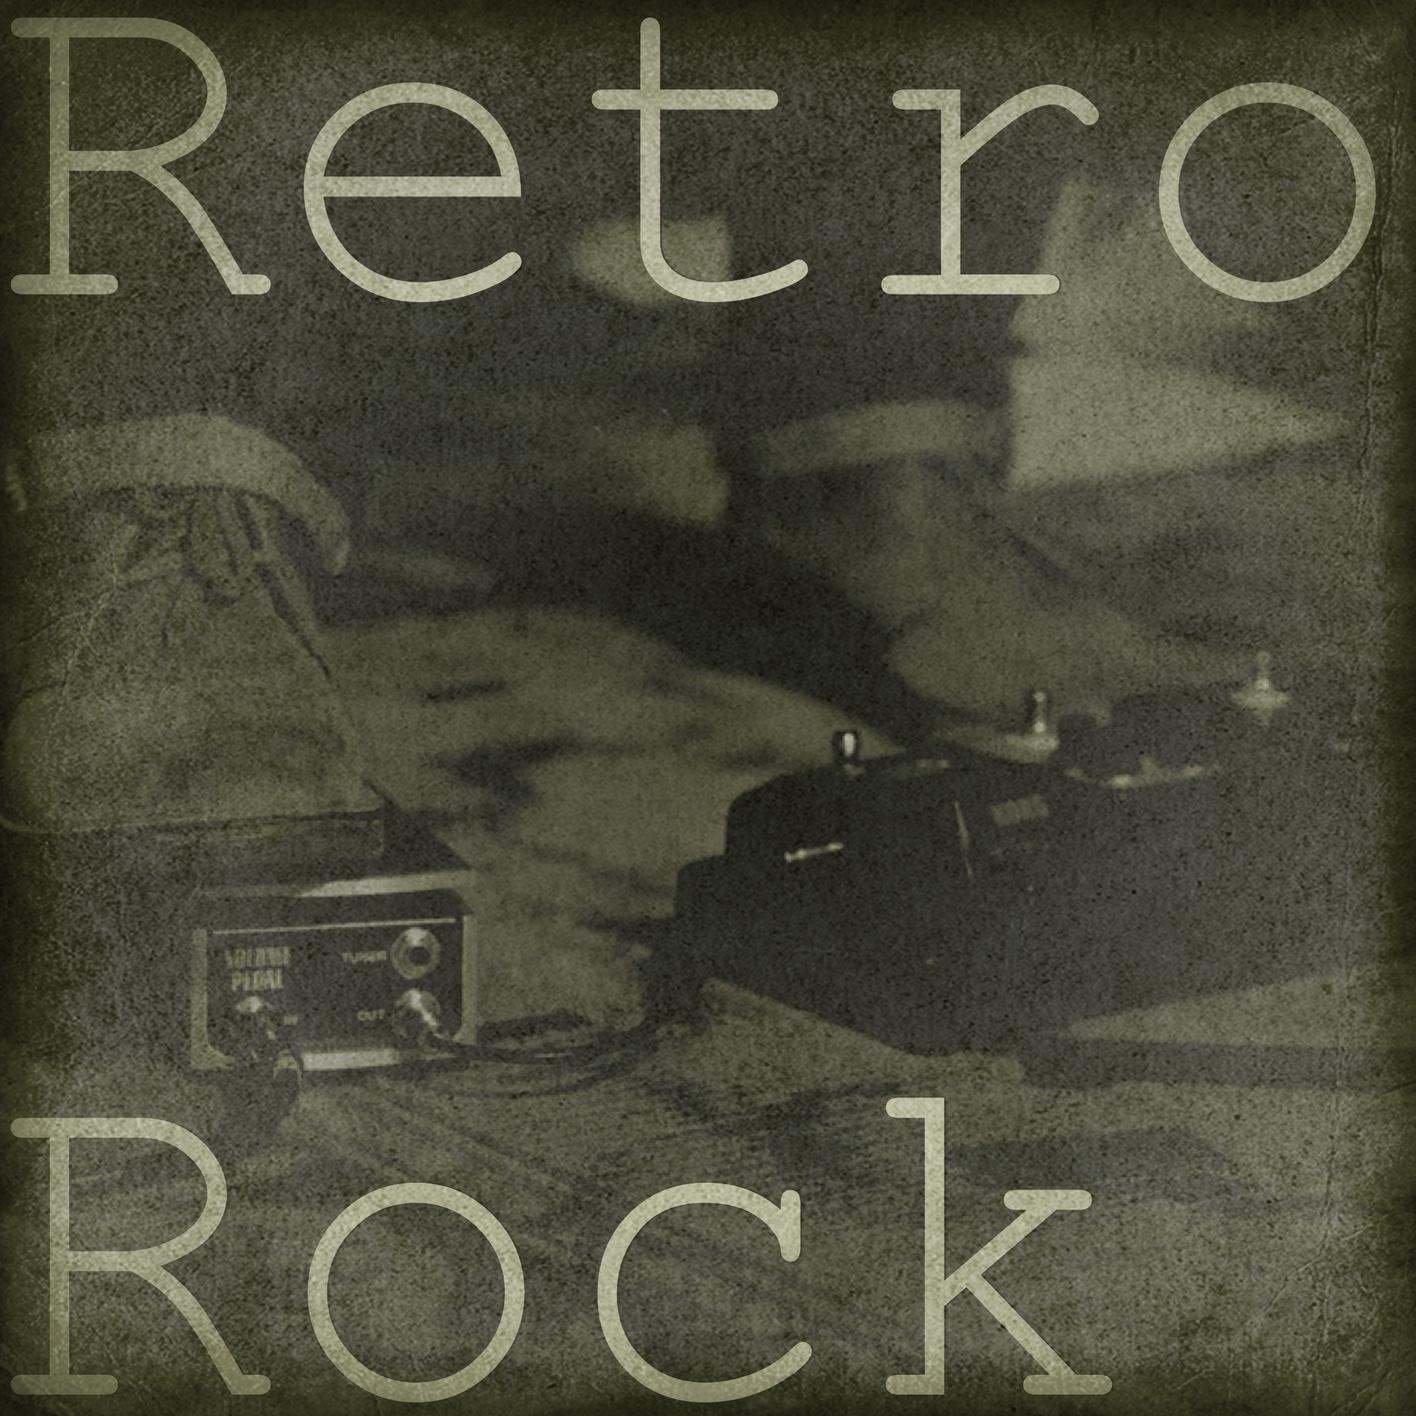 retro rock lighter vintage.jpg